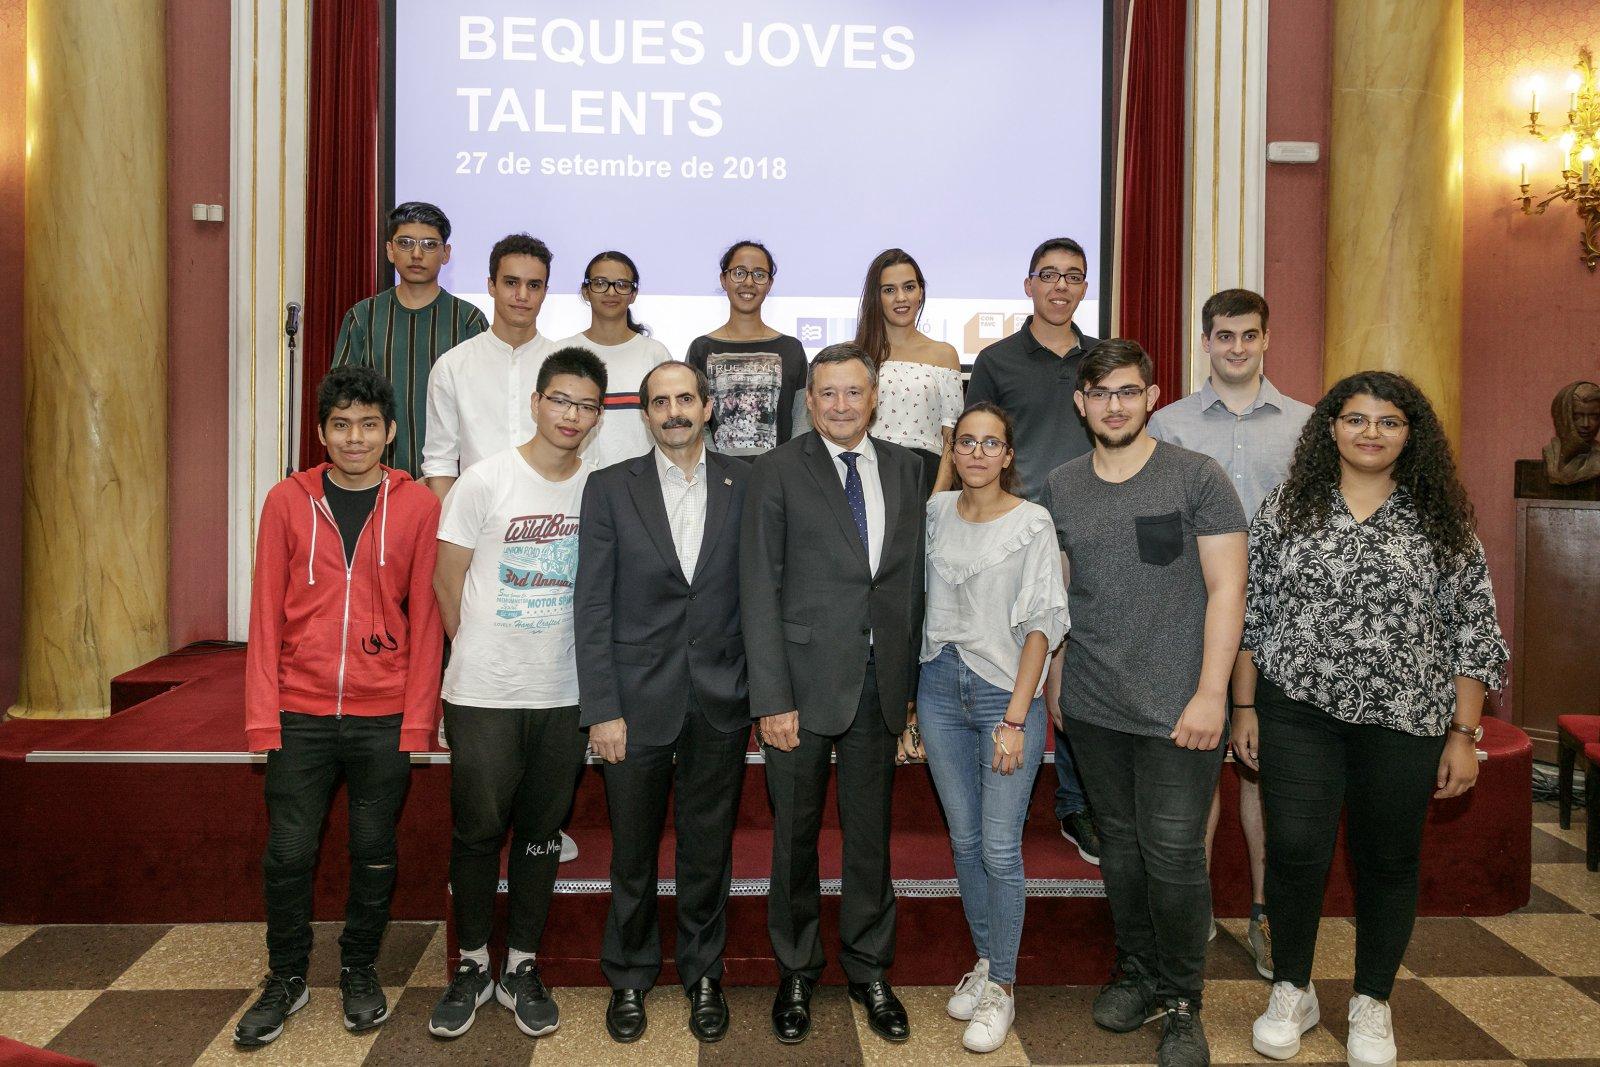 Els estudiants que han rebut les beques Joves Talents amb els representants de la Fundació Agbar i CONFAVC